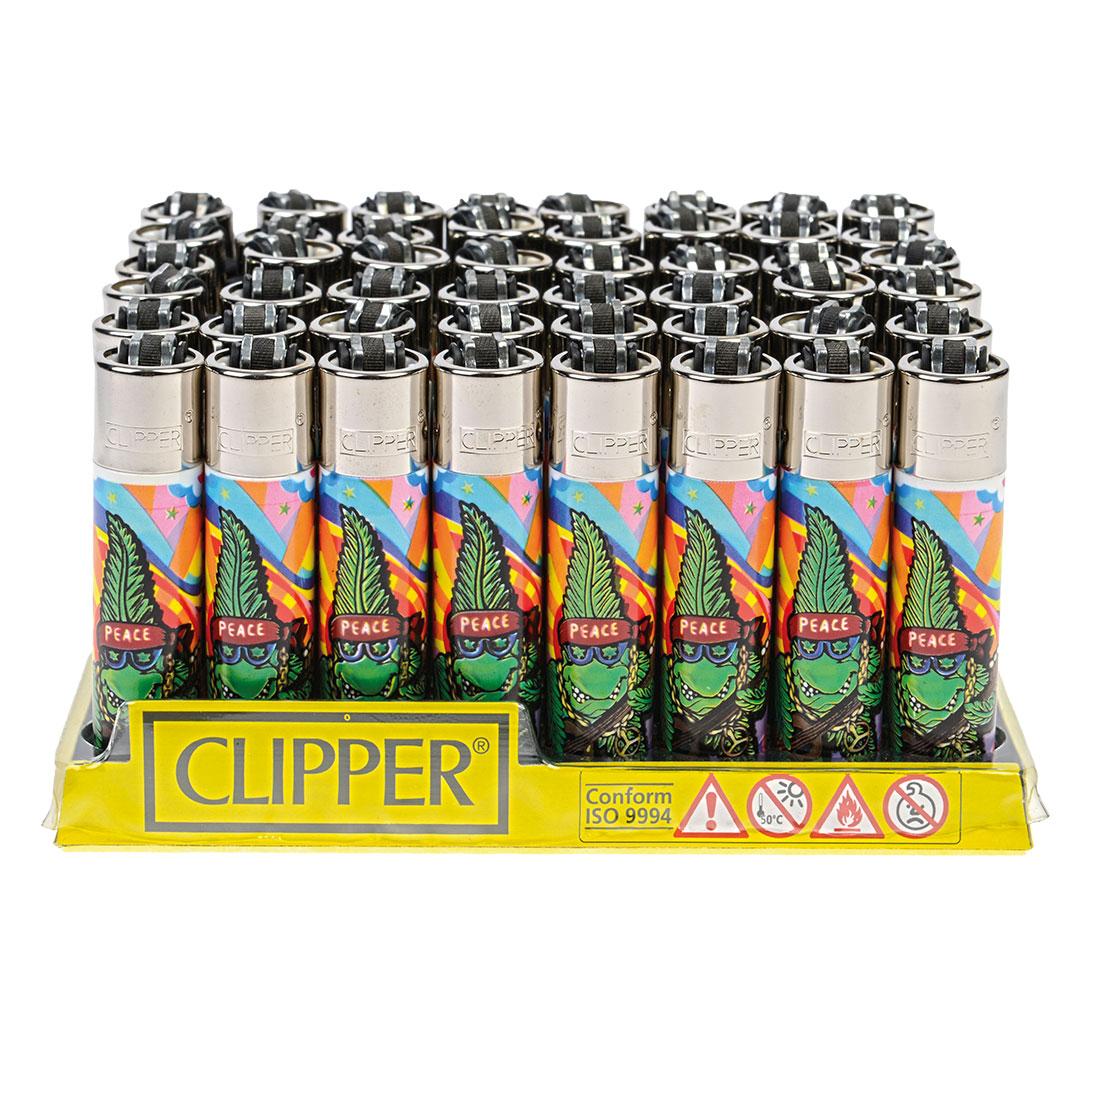 lot de 48 briquets clipper cannabuds peace briquets. Black Bedroom Furniture Sets. Home Design Ideas